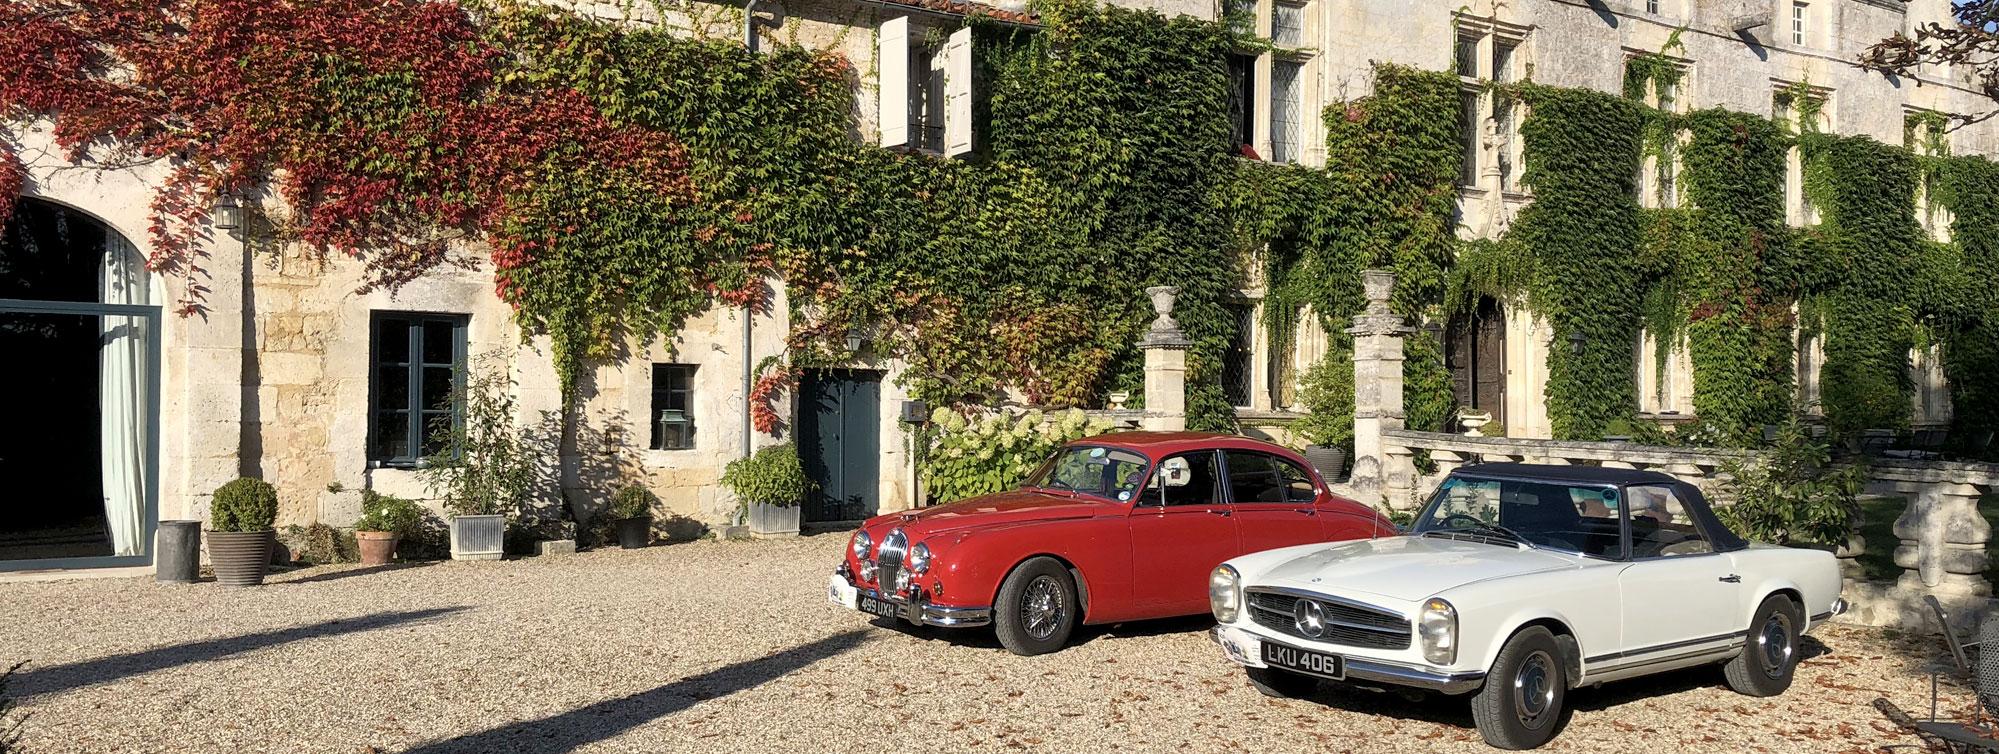 Chateau de Maumont : Maison d'hôtesTourisme ©Chateau de Maumont